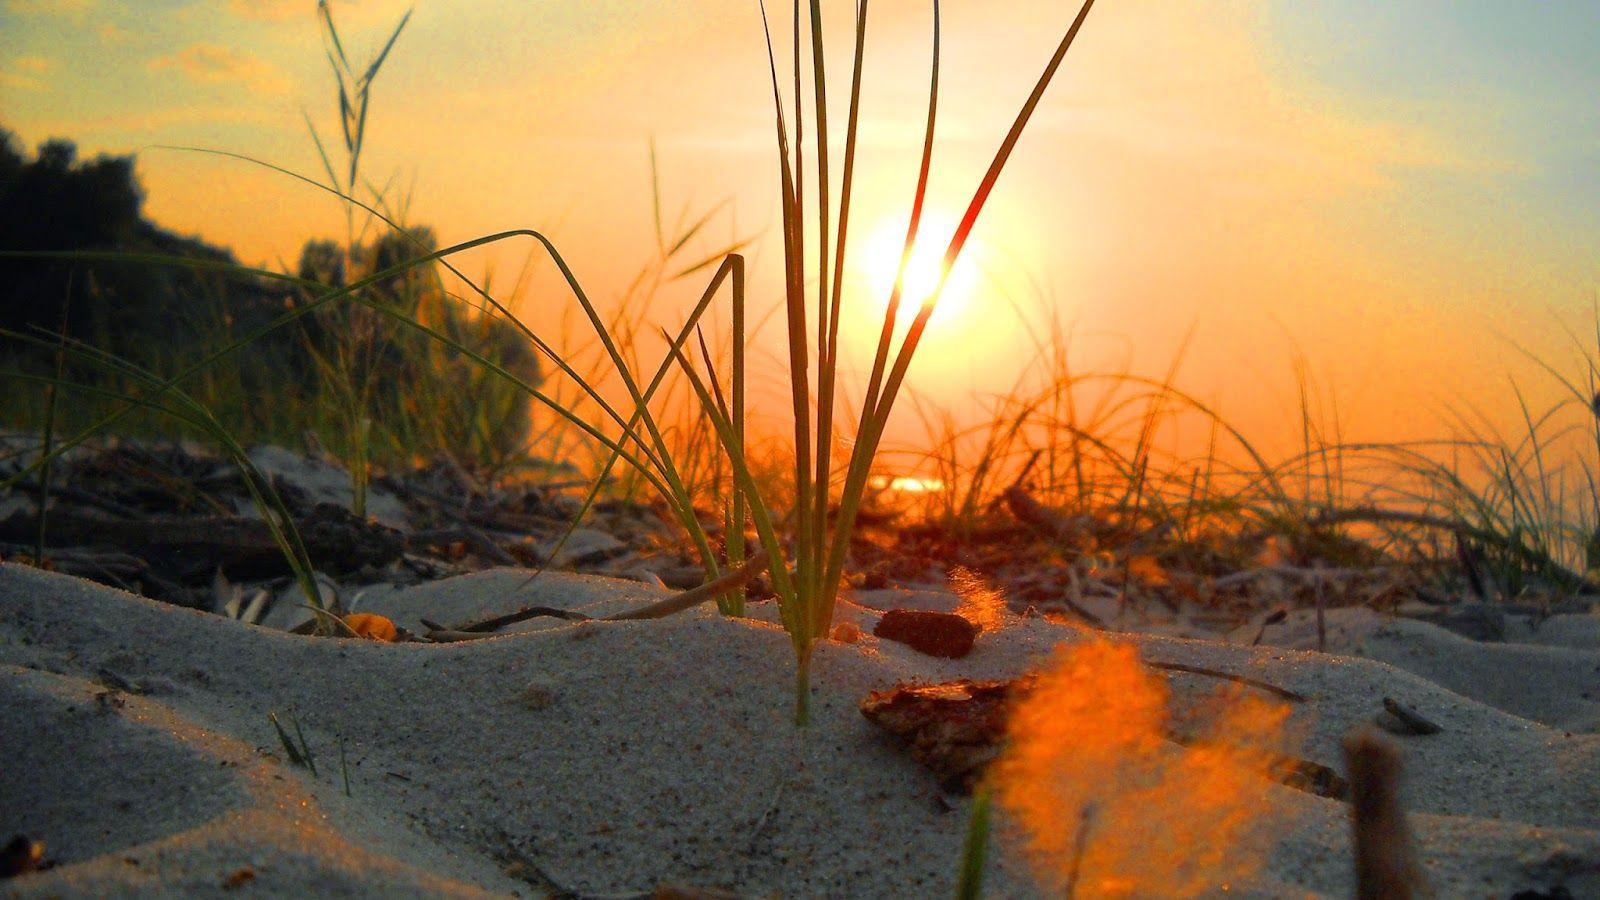 صـــور بــــلا حـــدود حمل اجمل خلفيات سطح المكتب لويندوز السفن خلفيات Nature Grass Sun